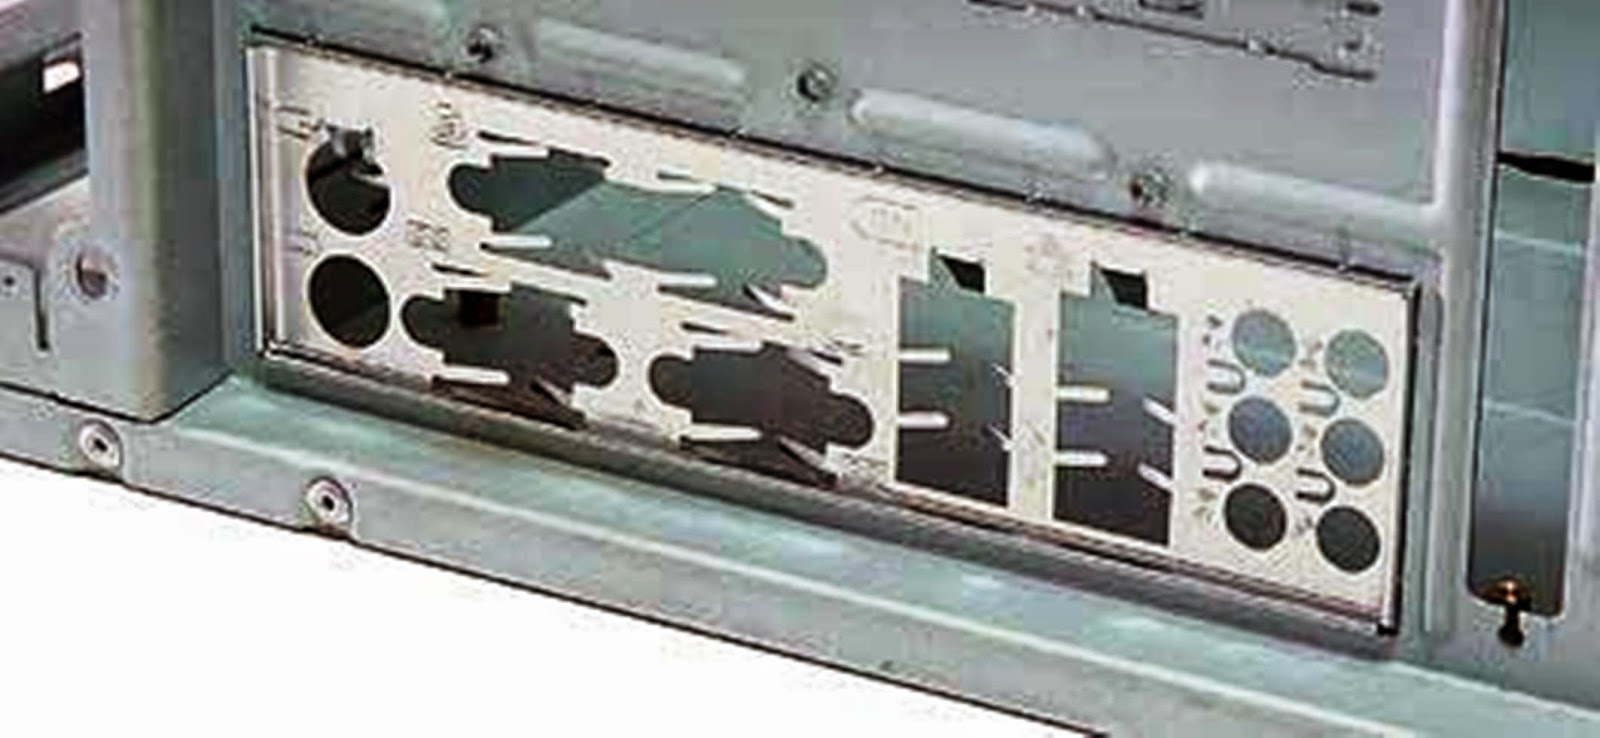 Задняя панель компьютера фото 7